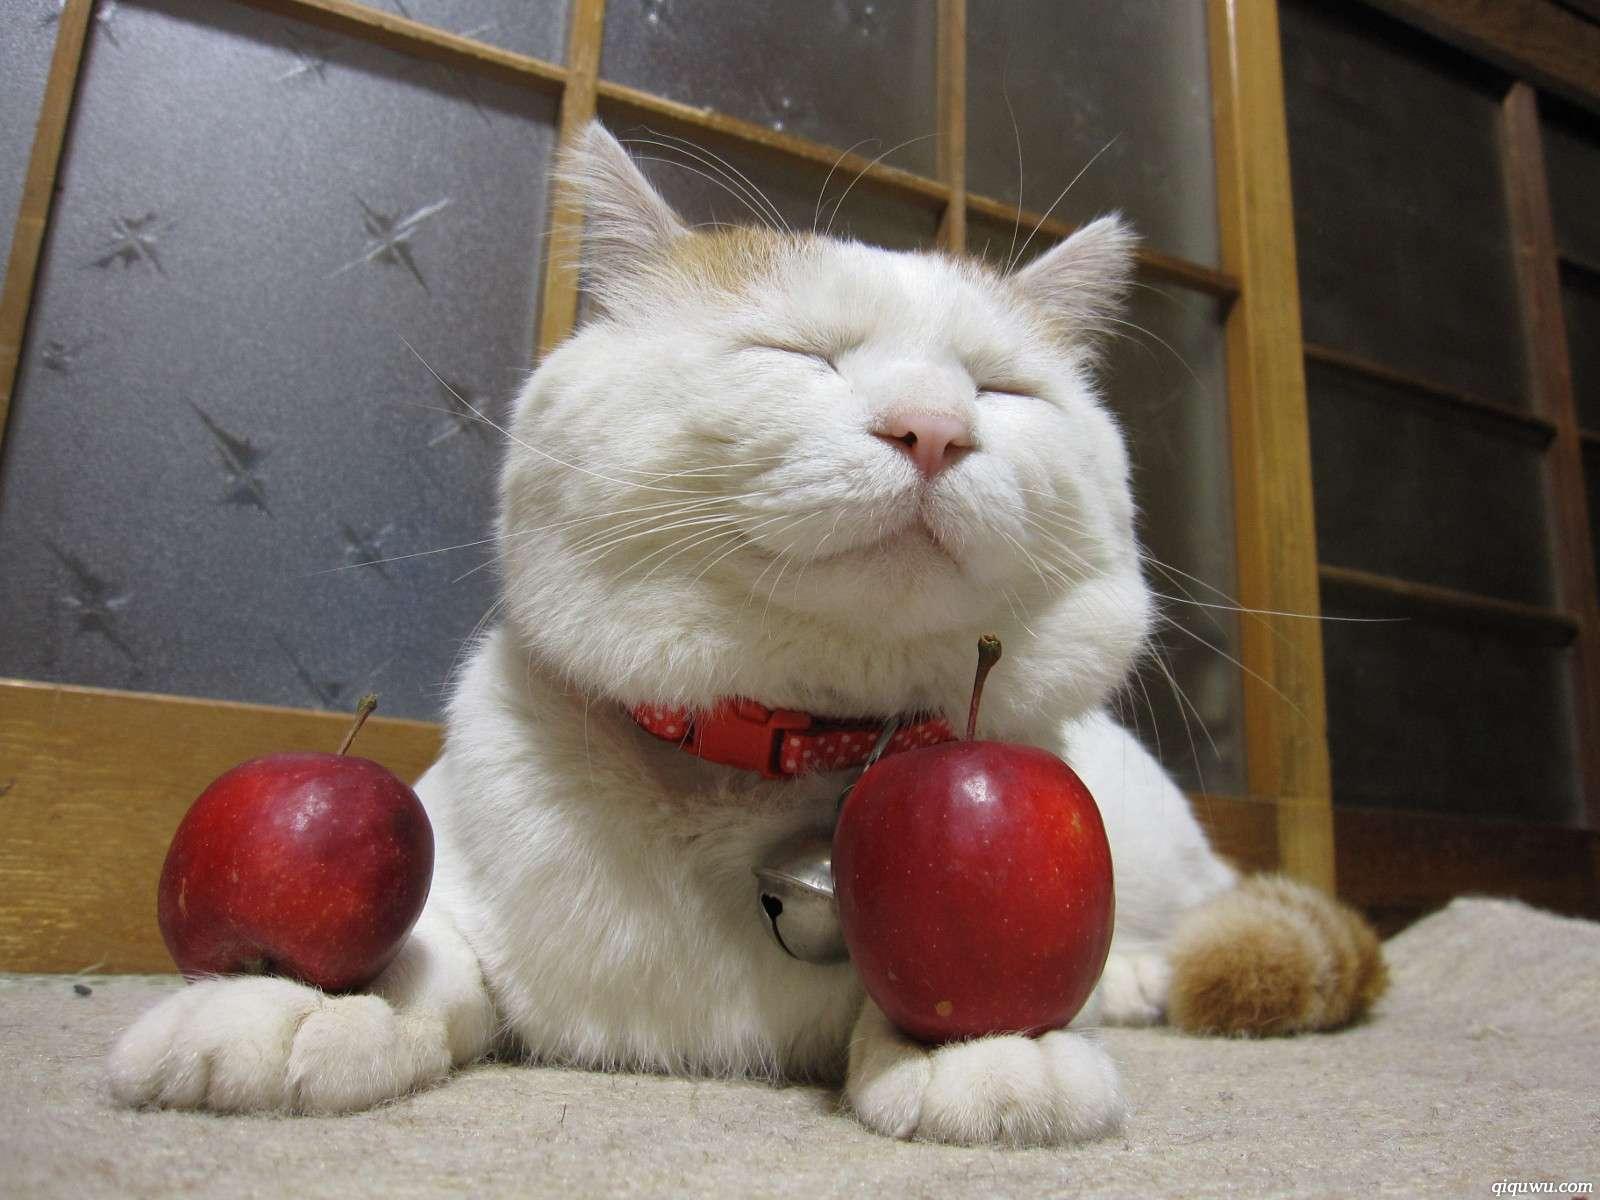 【苹果】坏了一点的苹果到底能不能吃